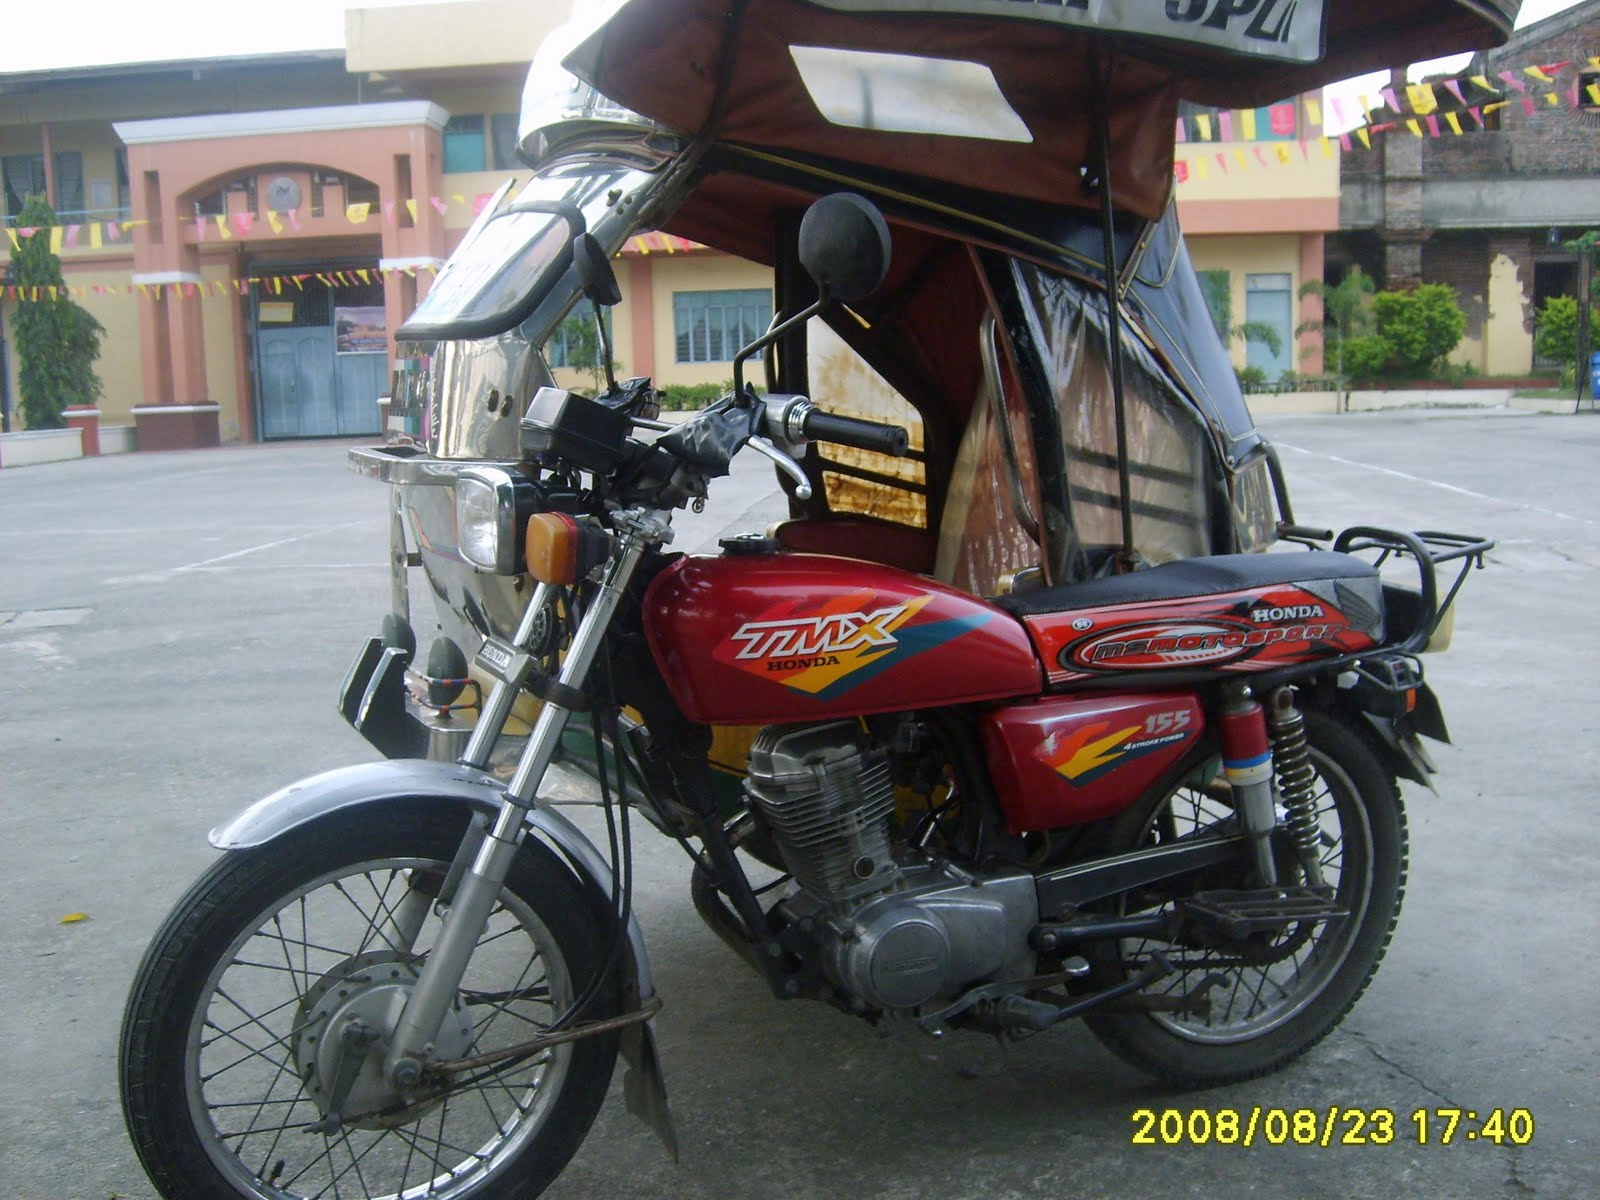 Wiring Diagram Of Motorcycle Honda Tmx 155 1999 Saturn Sl1 Stereo Kawasaki Barako 175 G5 100